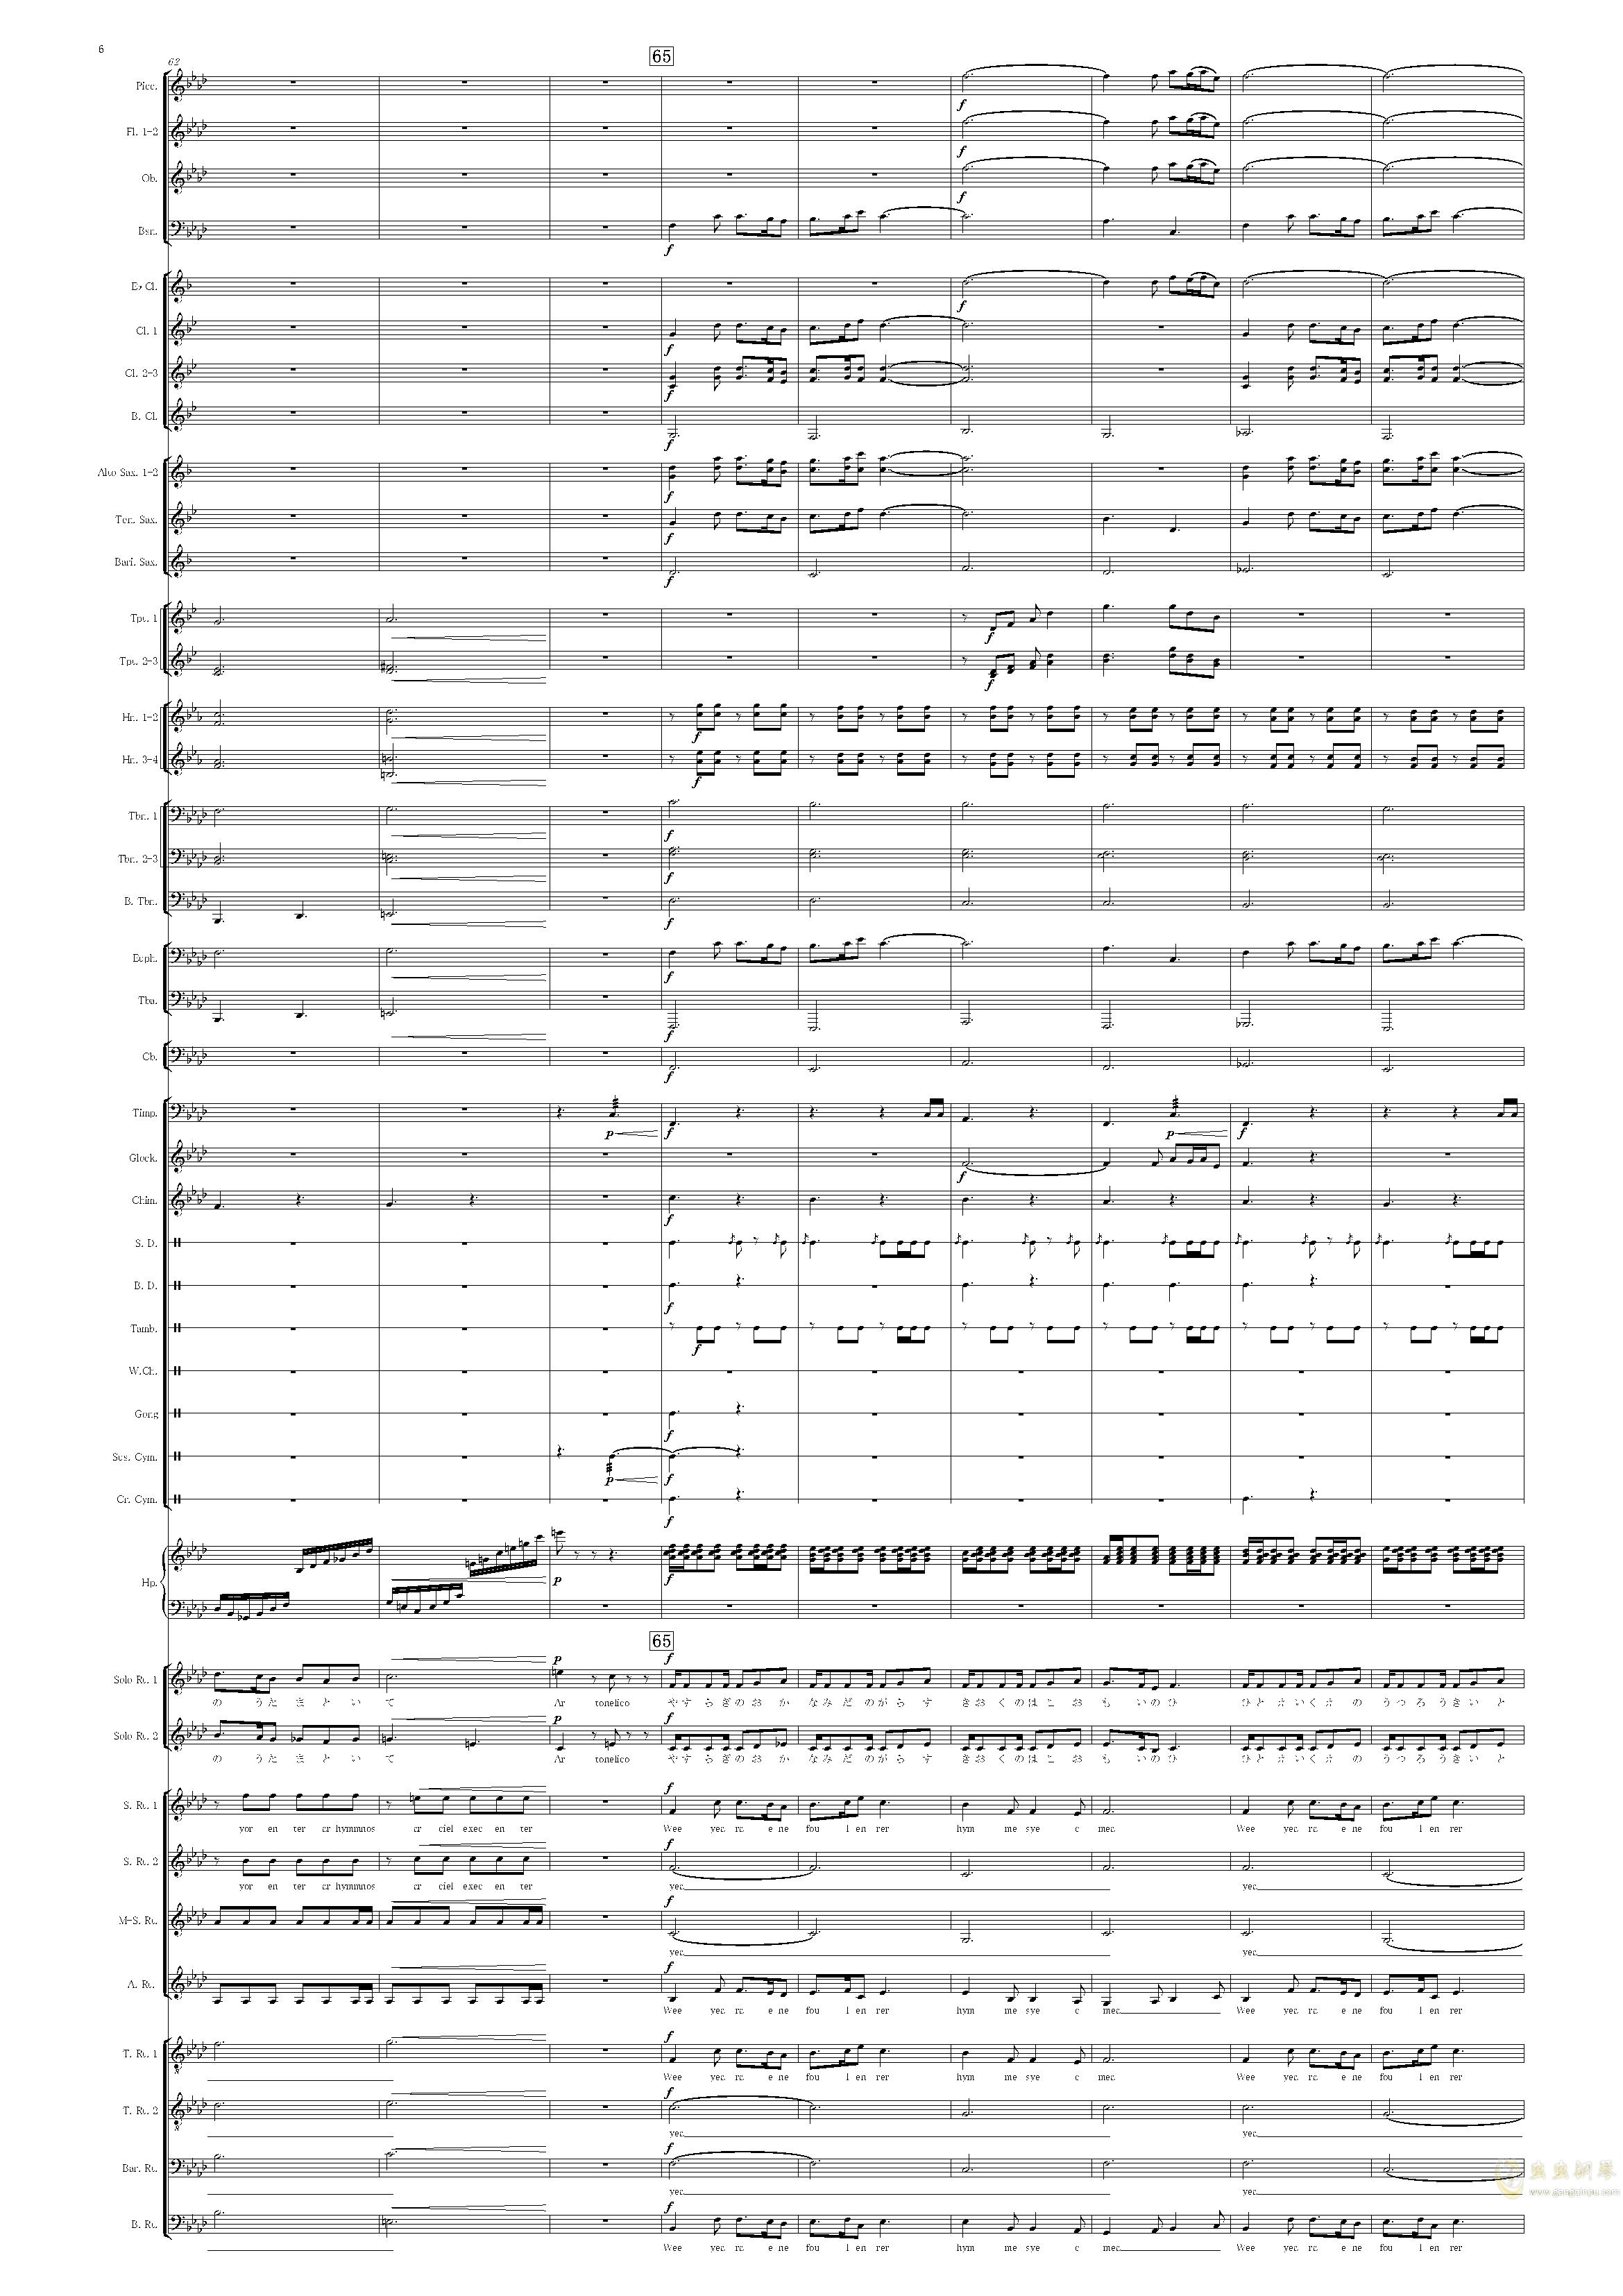 讴う丘~Harmonics EOLIA~澳门星际官网 第6页